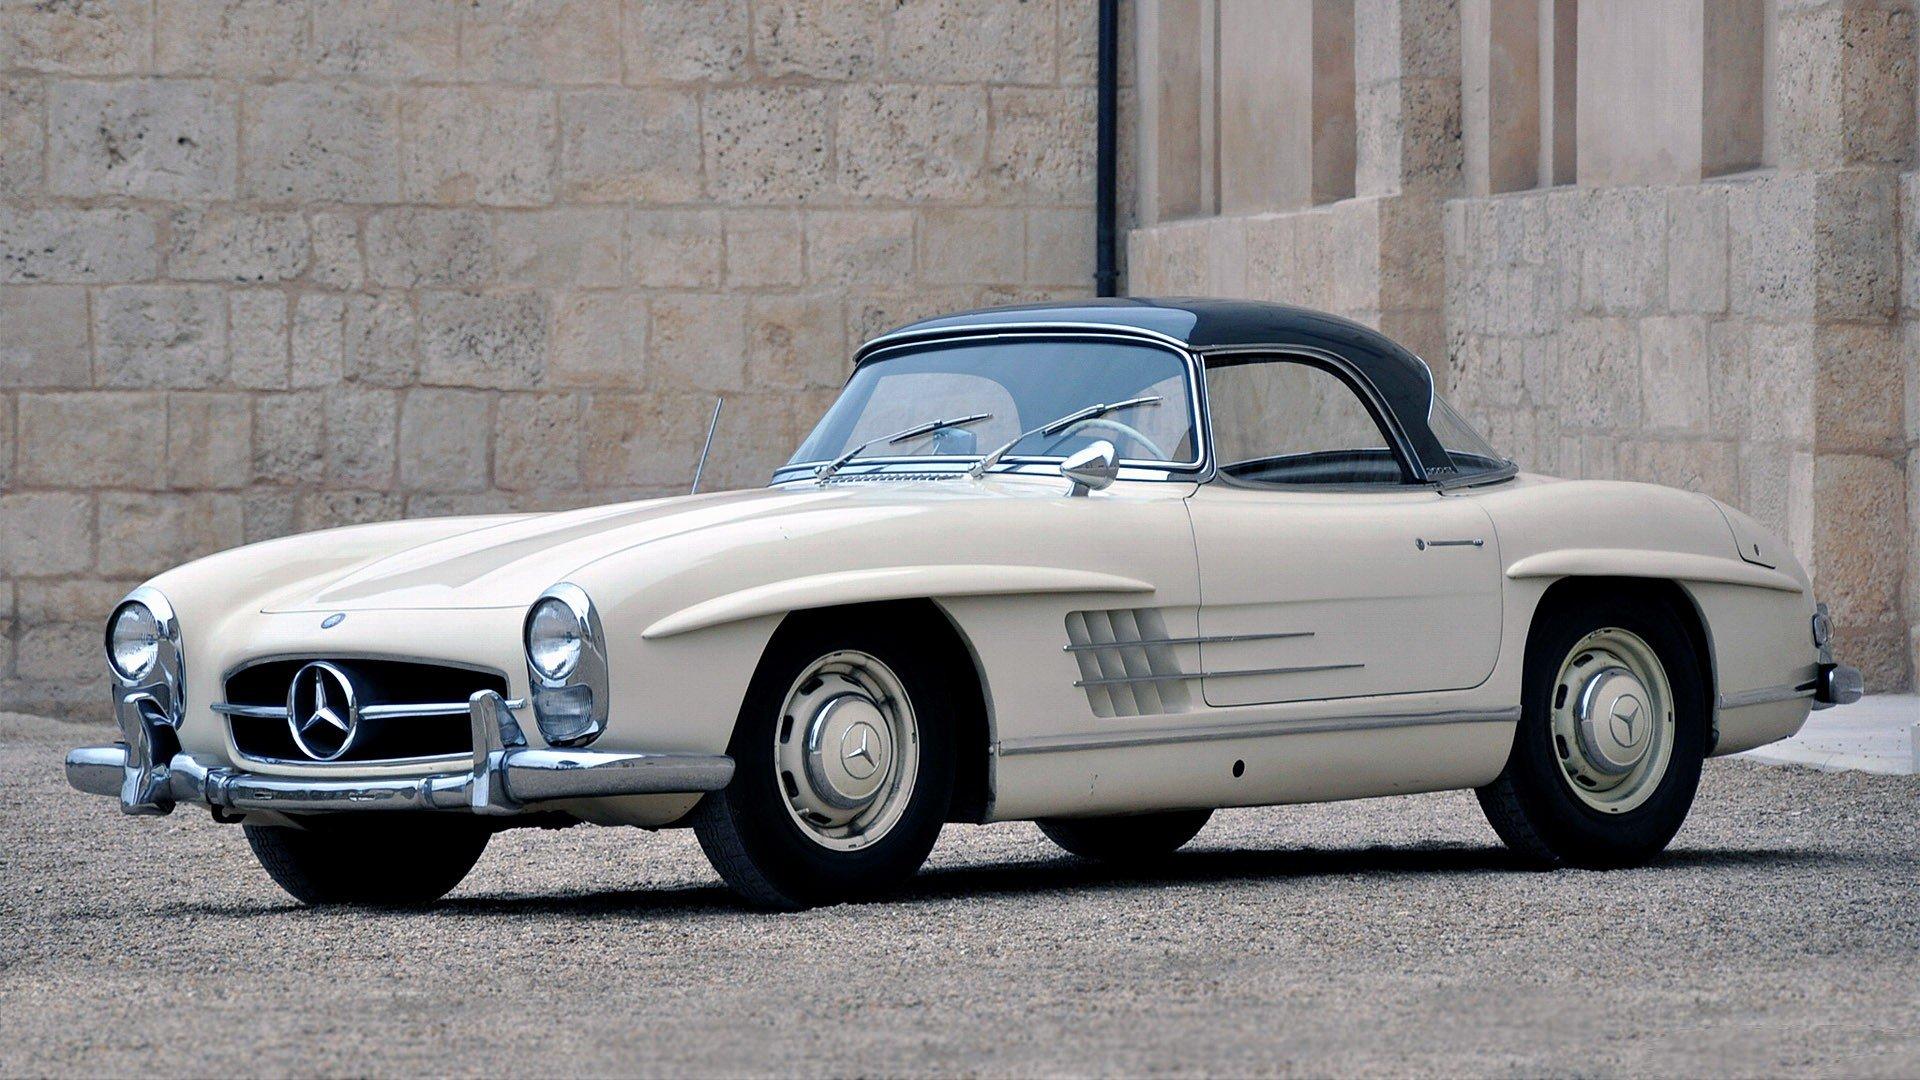 Mercedes Benz >> Vintage cars classic cars Mercedes-Benz wallpaper | 1920x1080 | 309466 | WallpaperUP